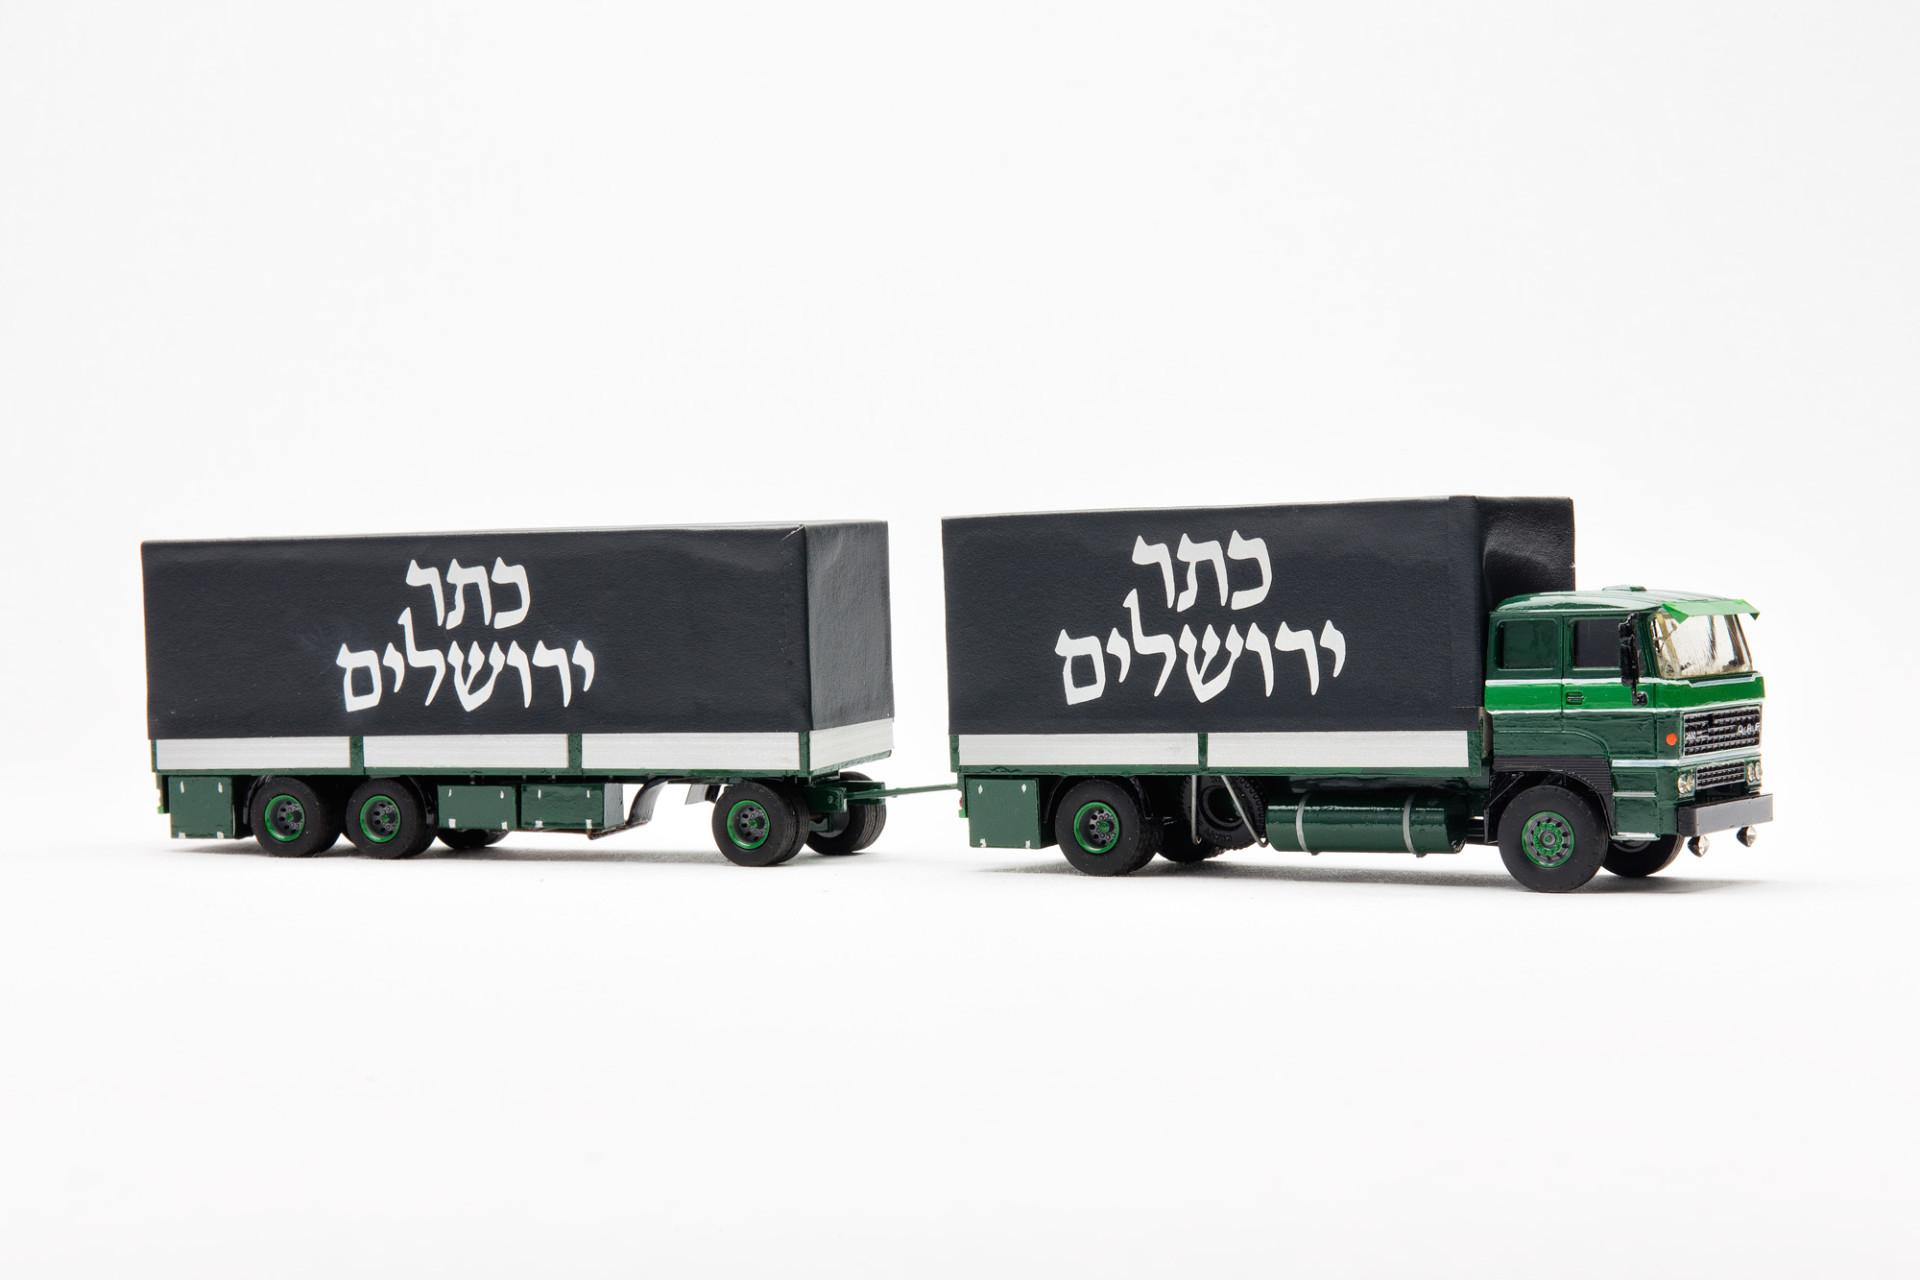 Trucks_2014-05-17_386-web